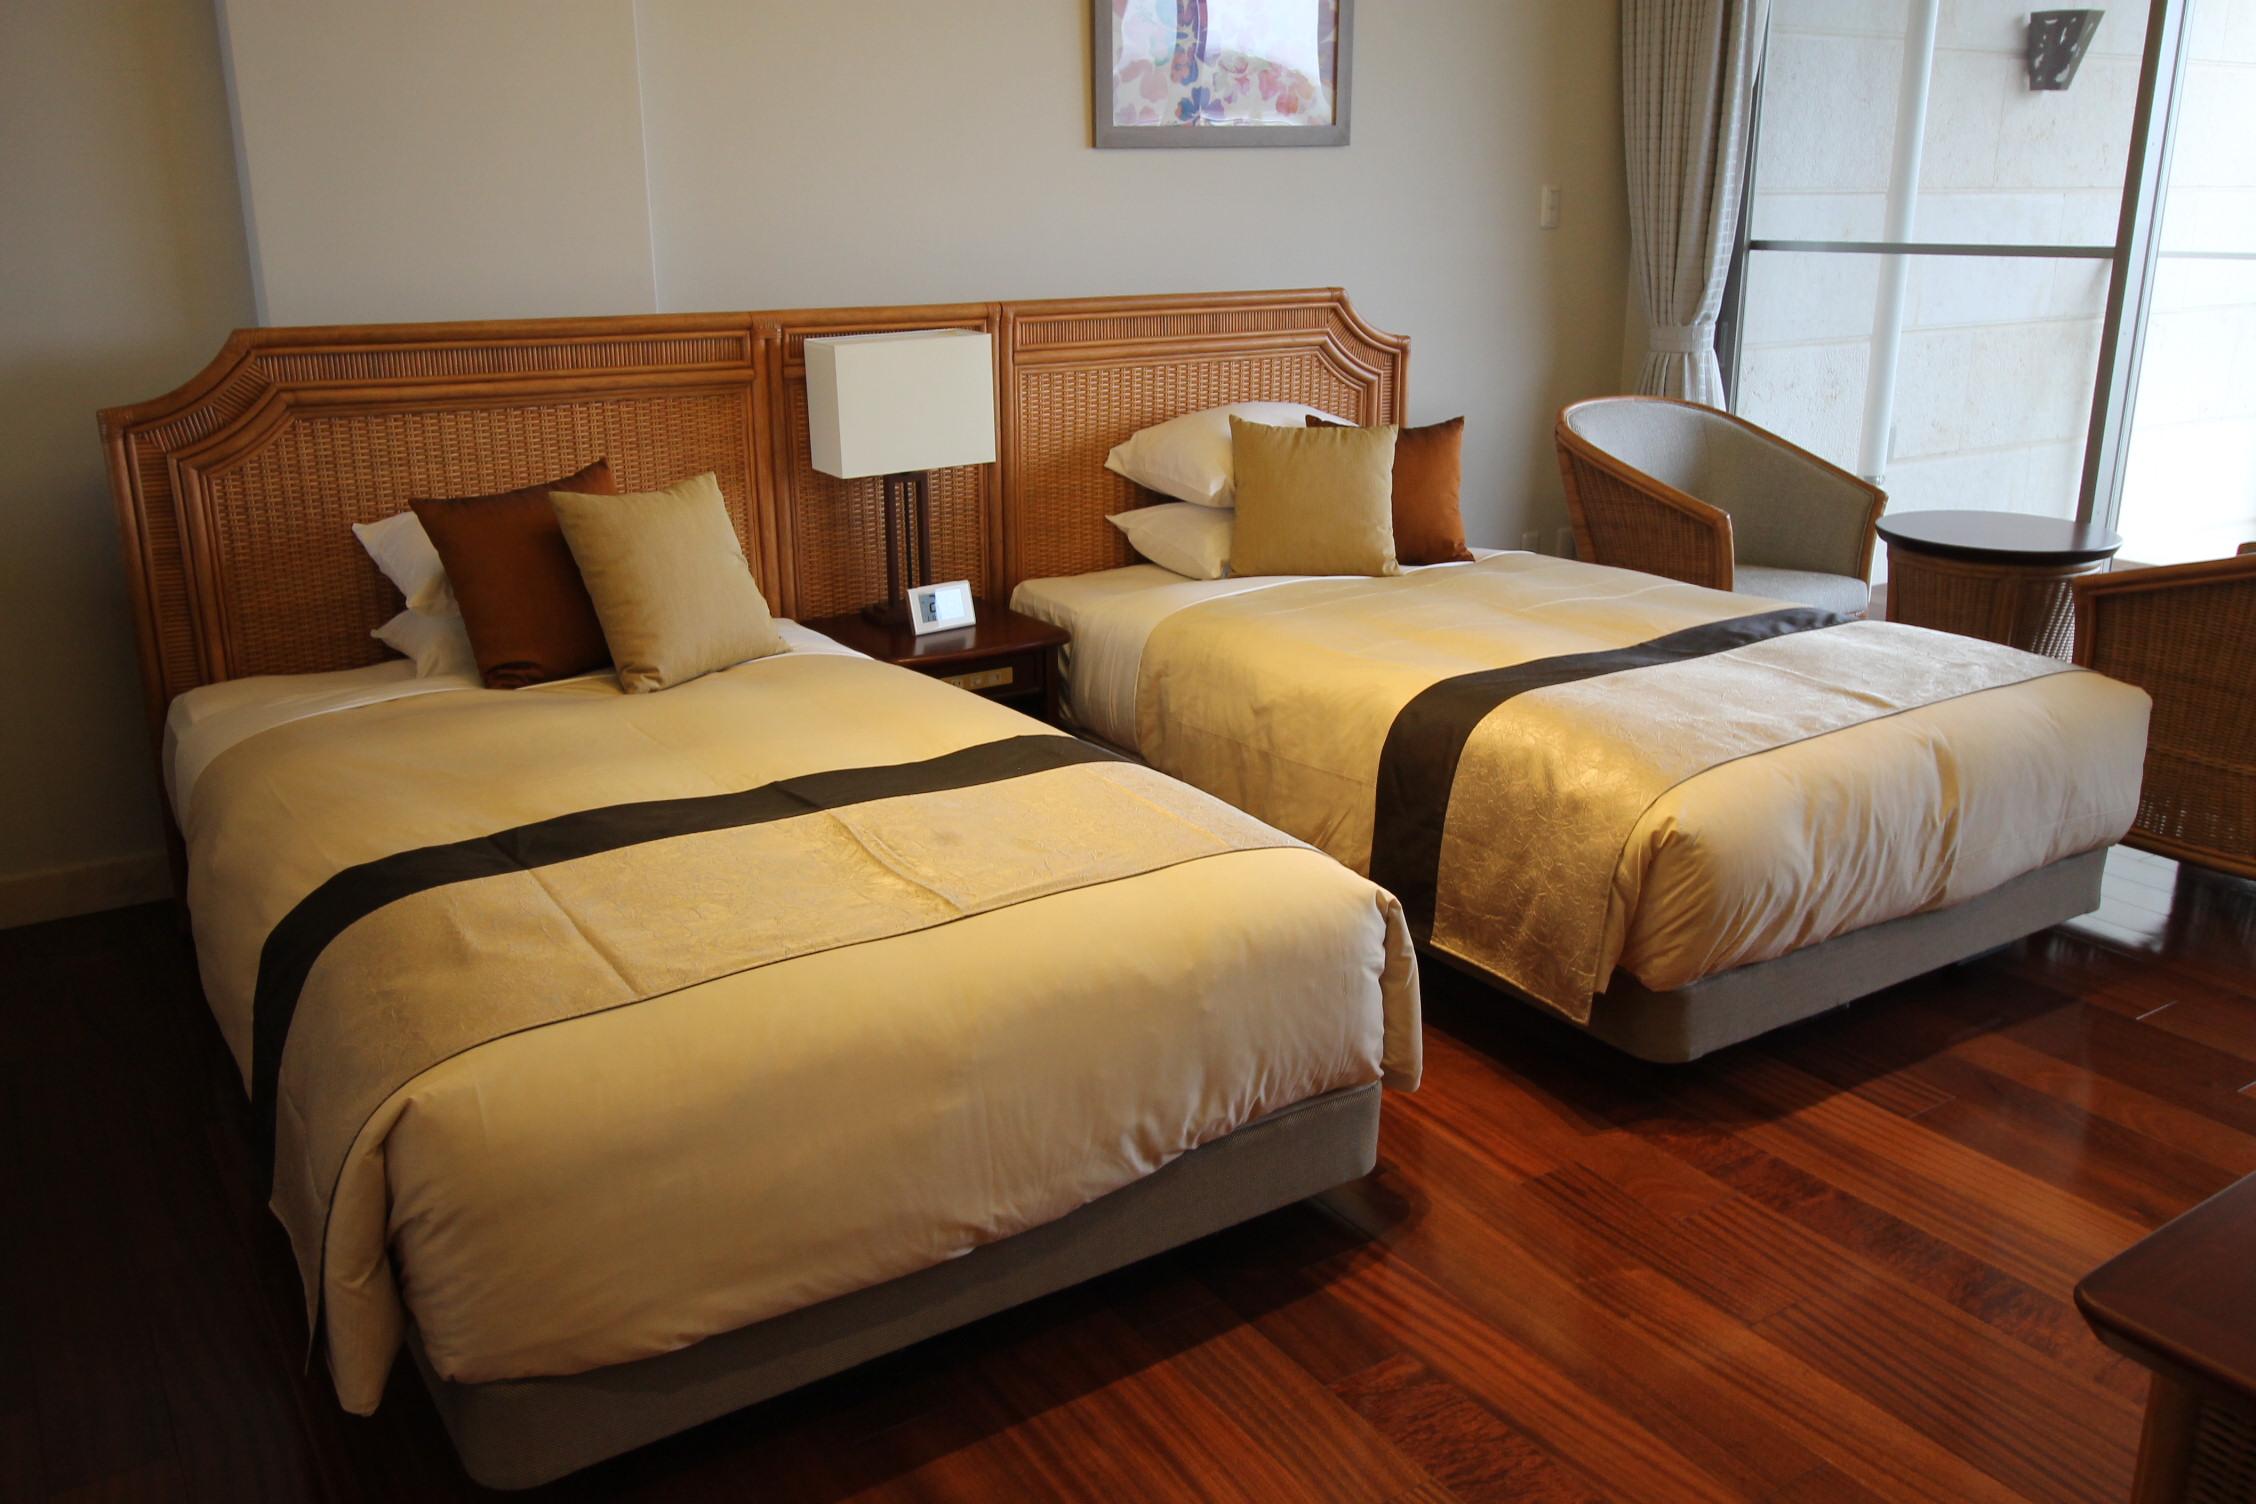 石垣リゾートホテル / ガーデンビュー2F◆エグゼクティブスイート 1BedRoom